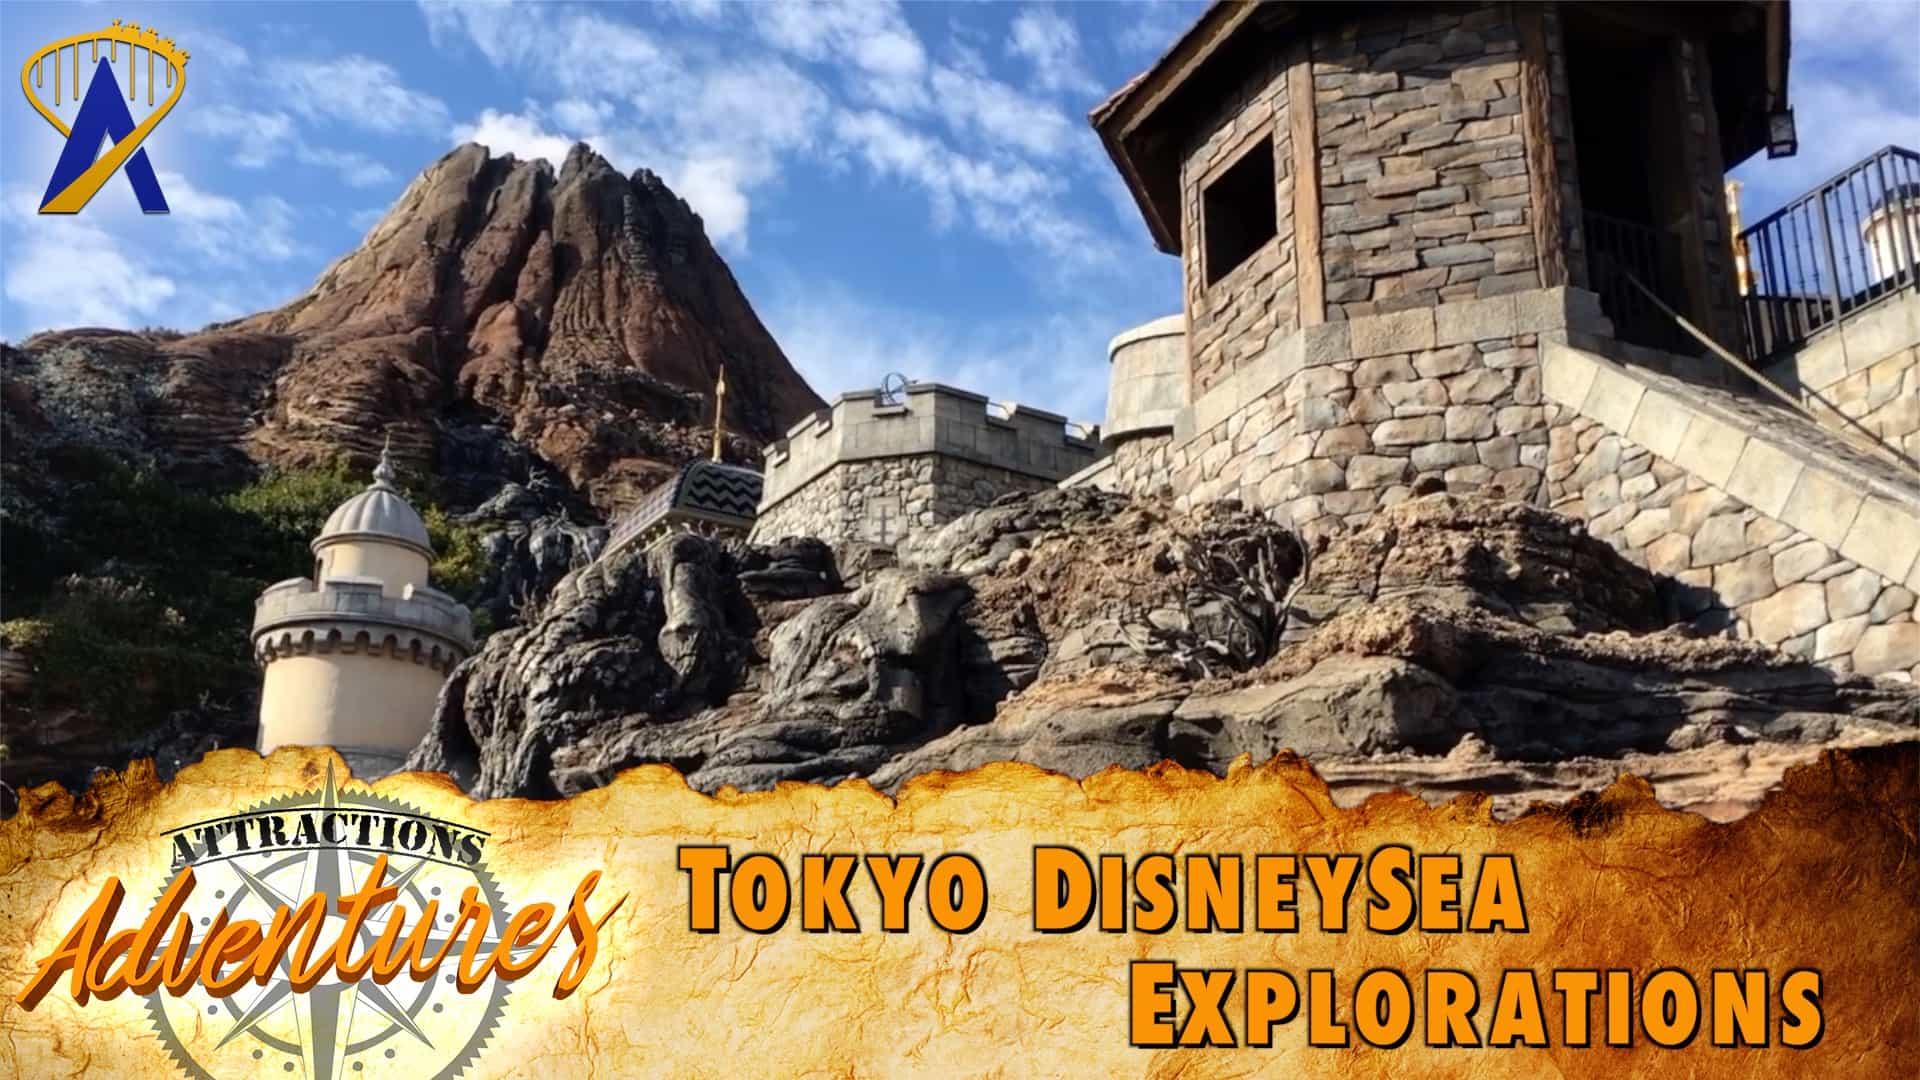 Attractions Adventures Tokyo Disneysea Explorations